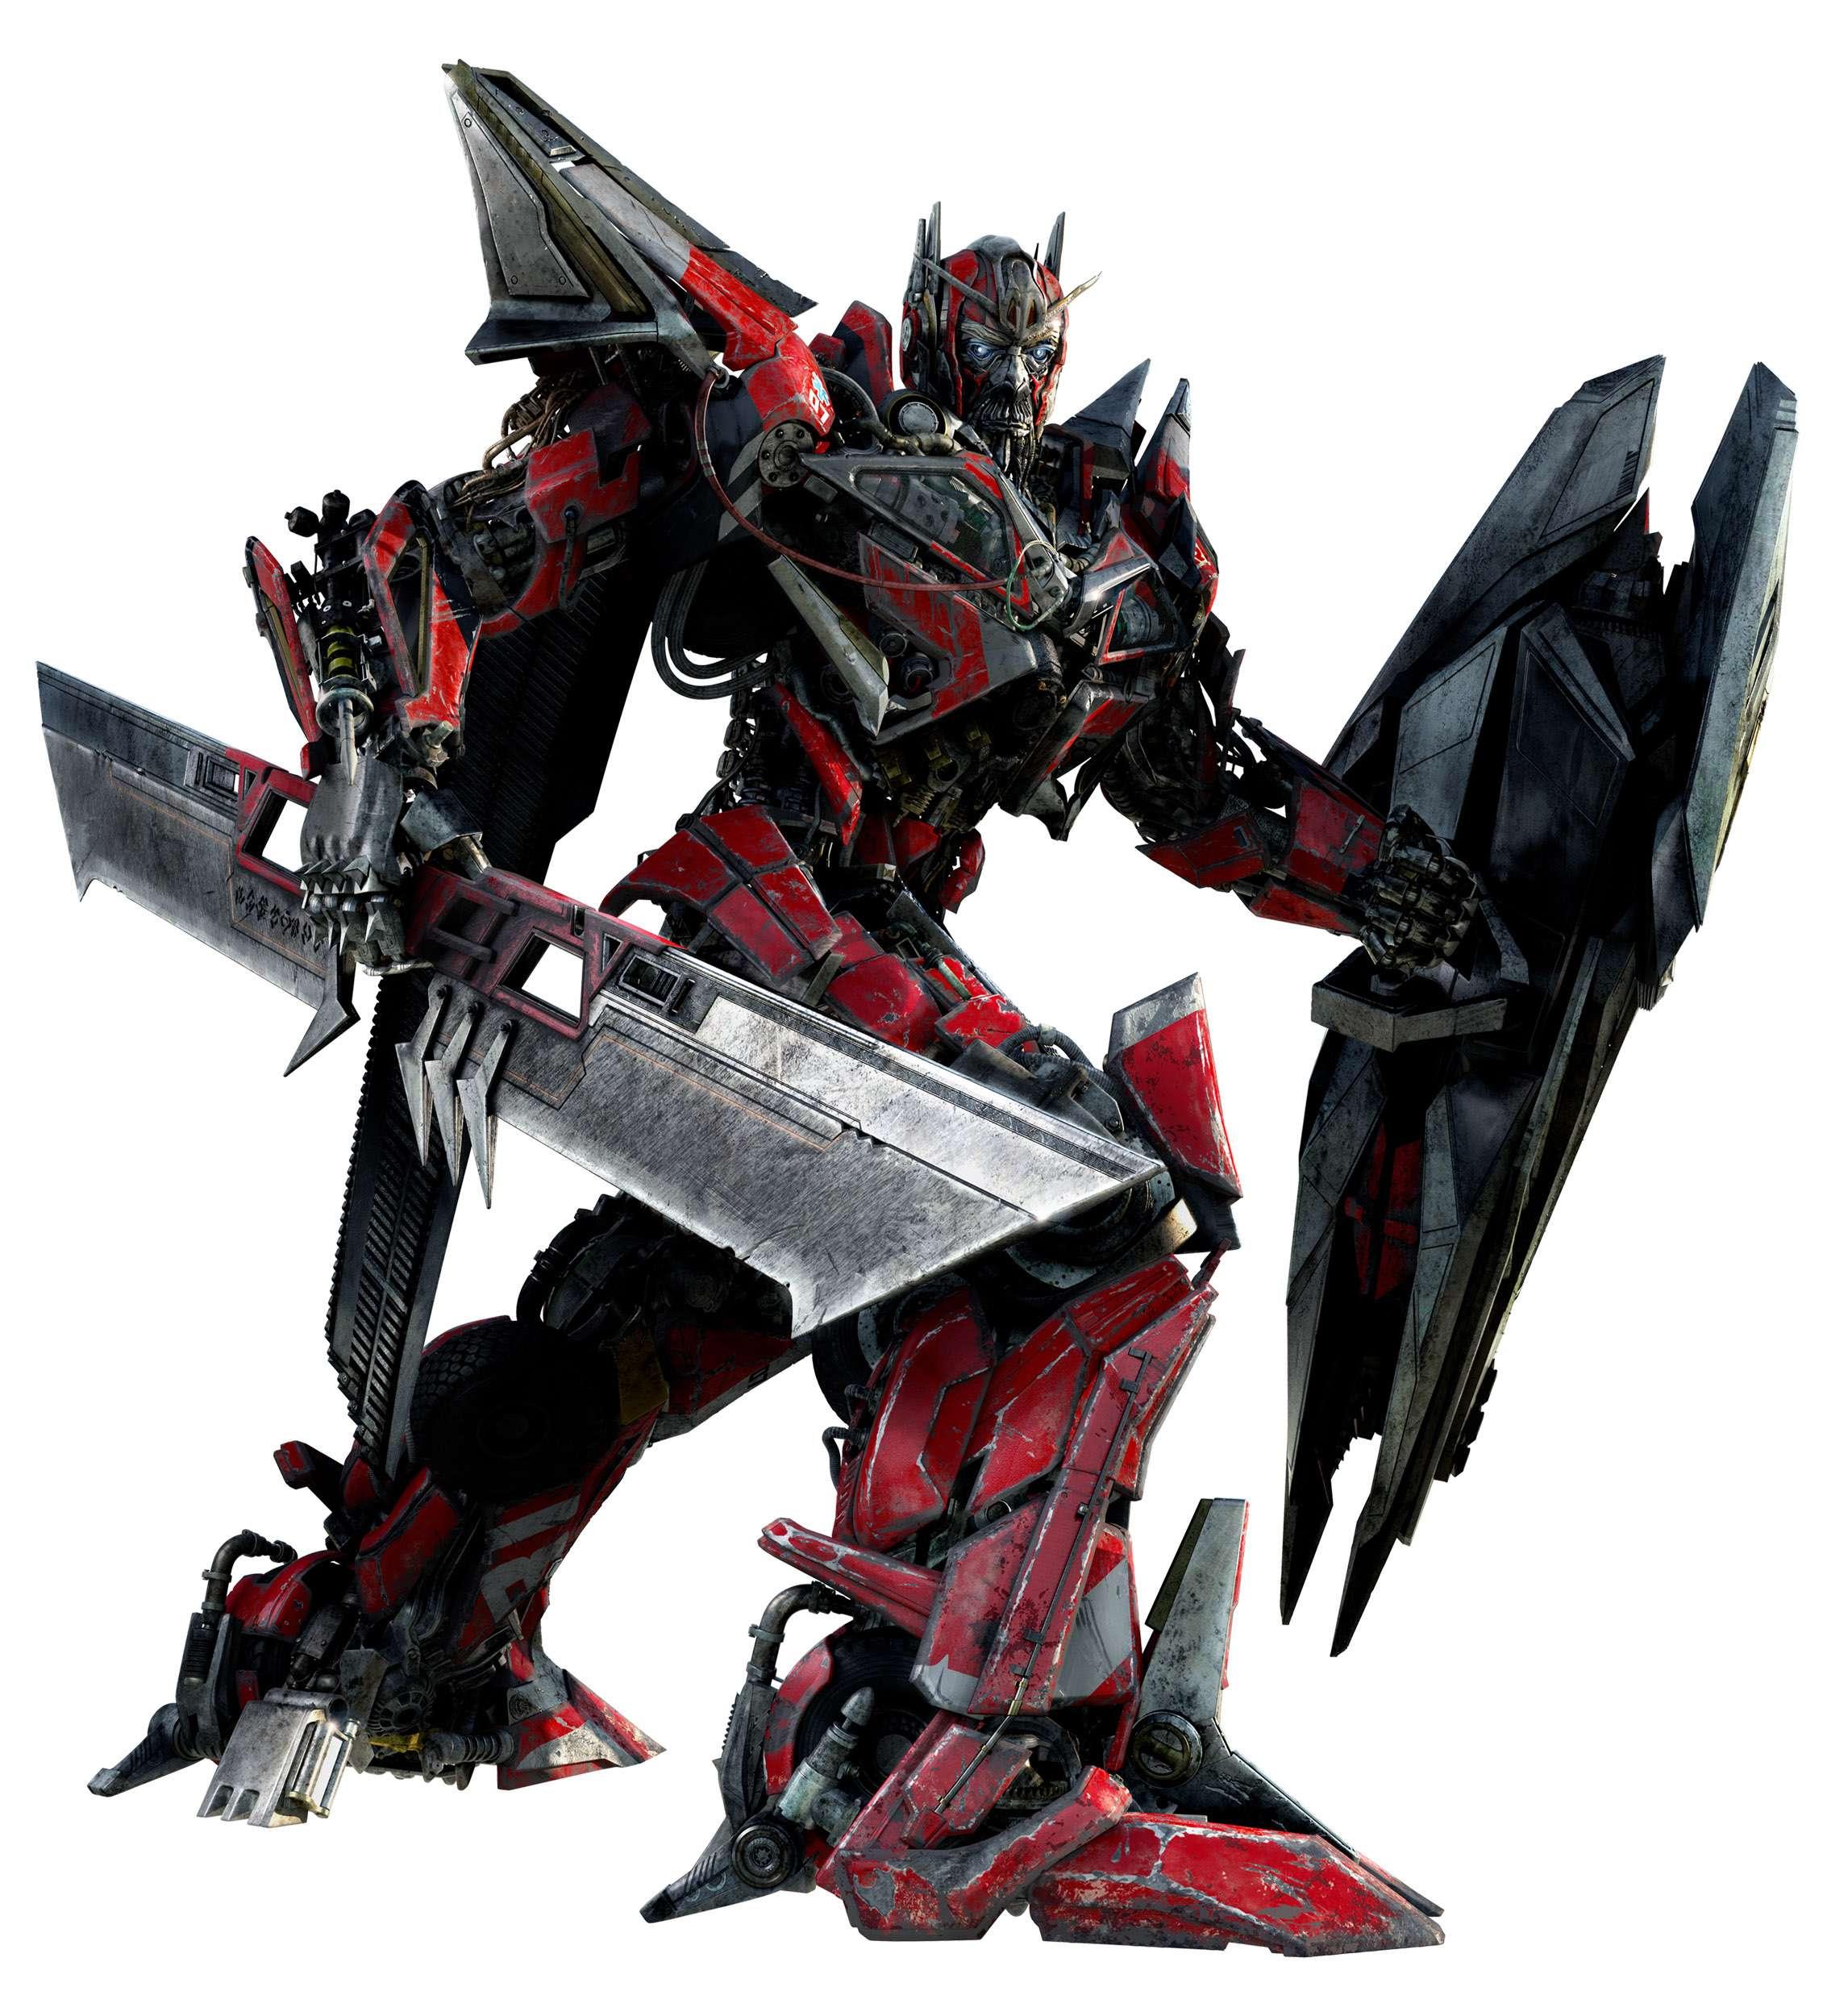 Daftar Nama Robot Yang Nongol Di Film Transformers